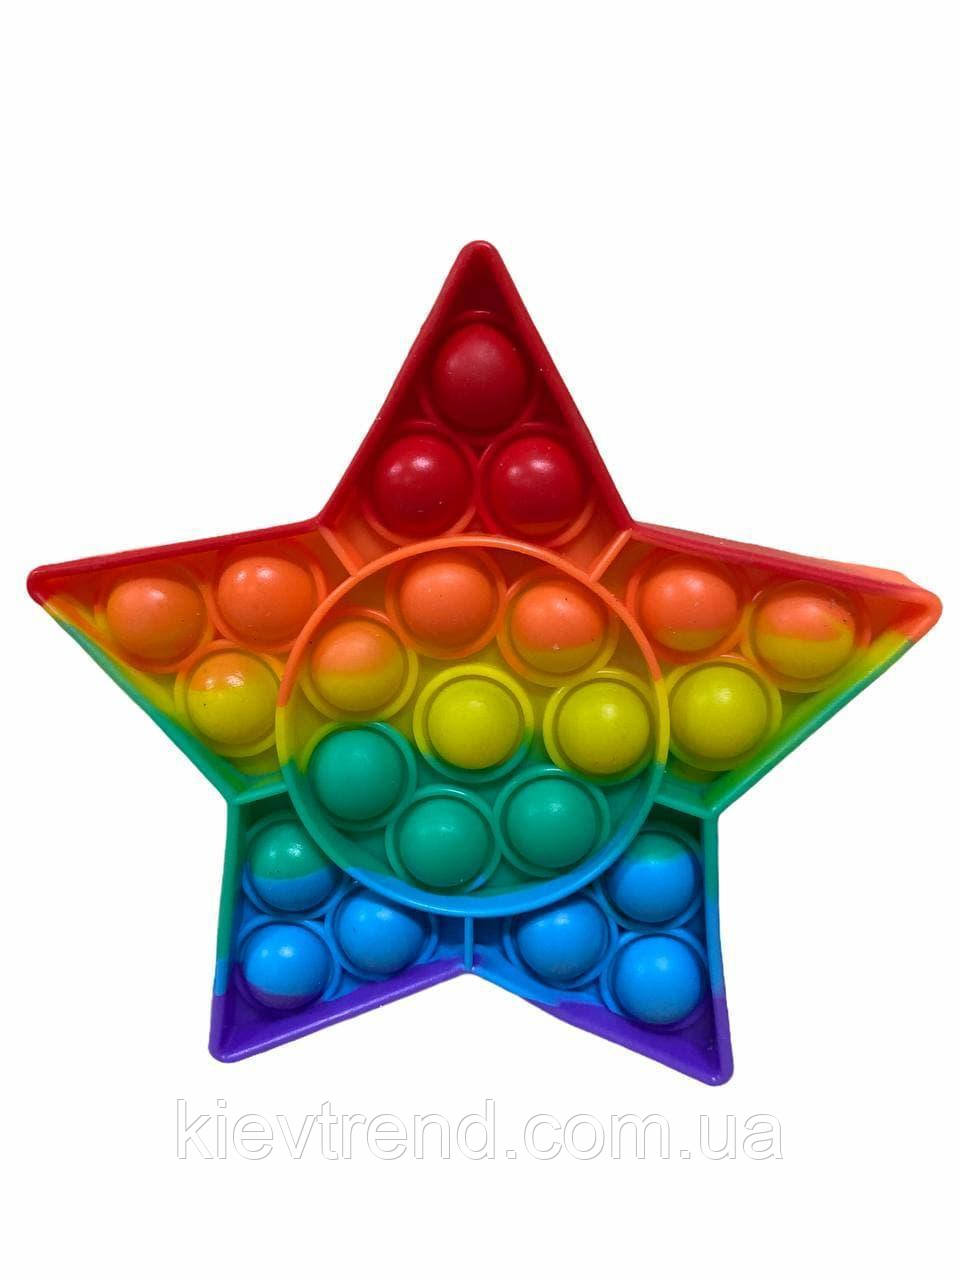 Сенсорная игрушка Pop It Push Bubble Fidget Antistress Бесконечная Пупырка антистресс, звездочка радужная